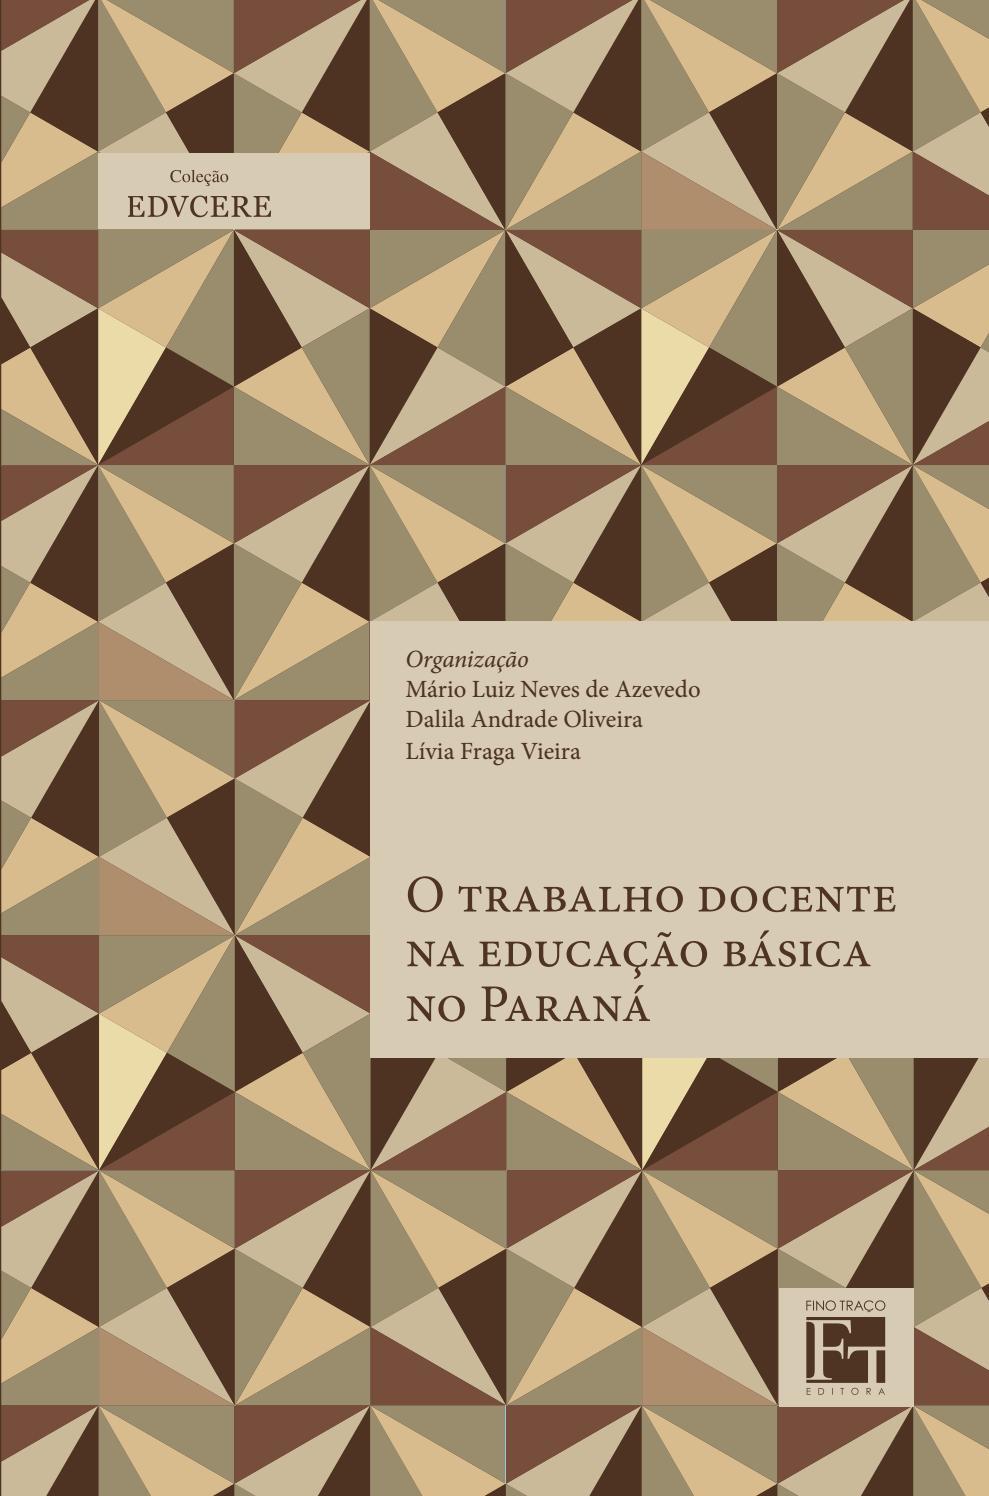 O Trabalho Docente Na Educação Básica No Paraná By Fino